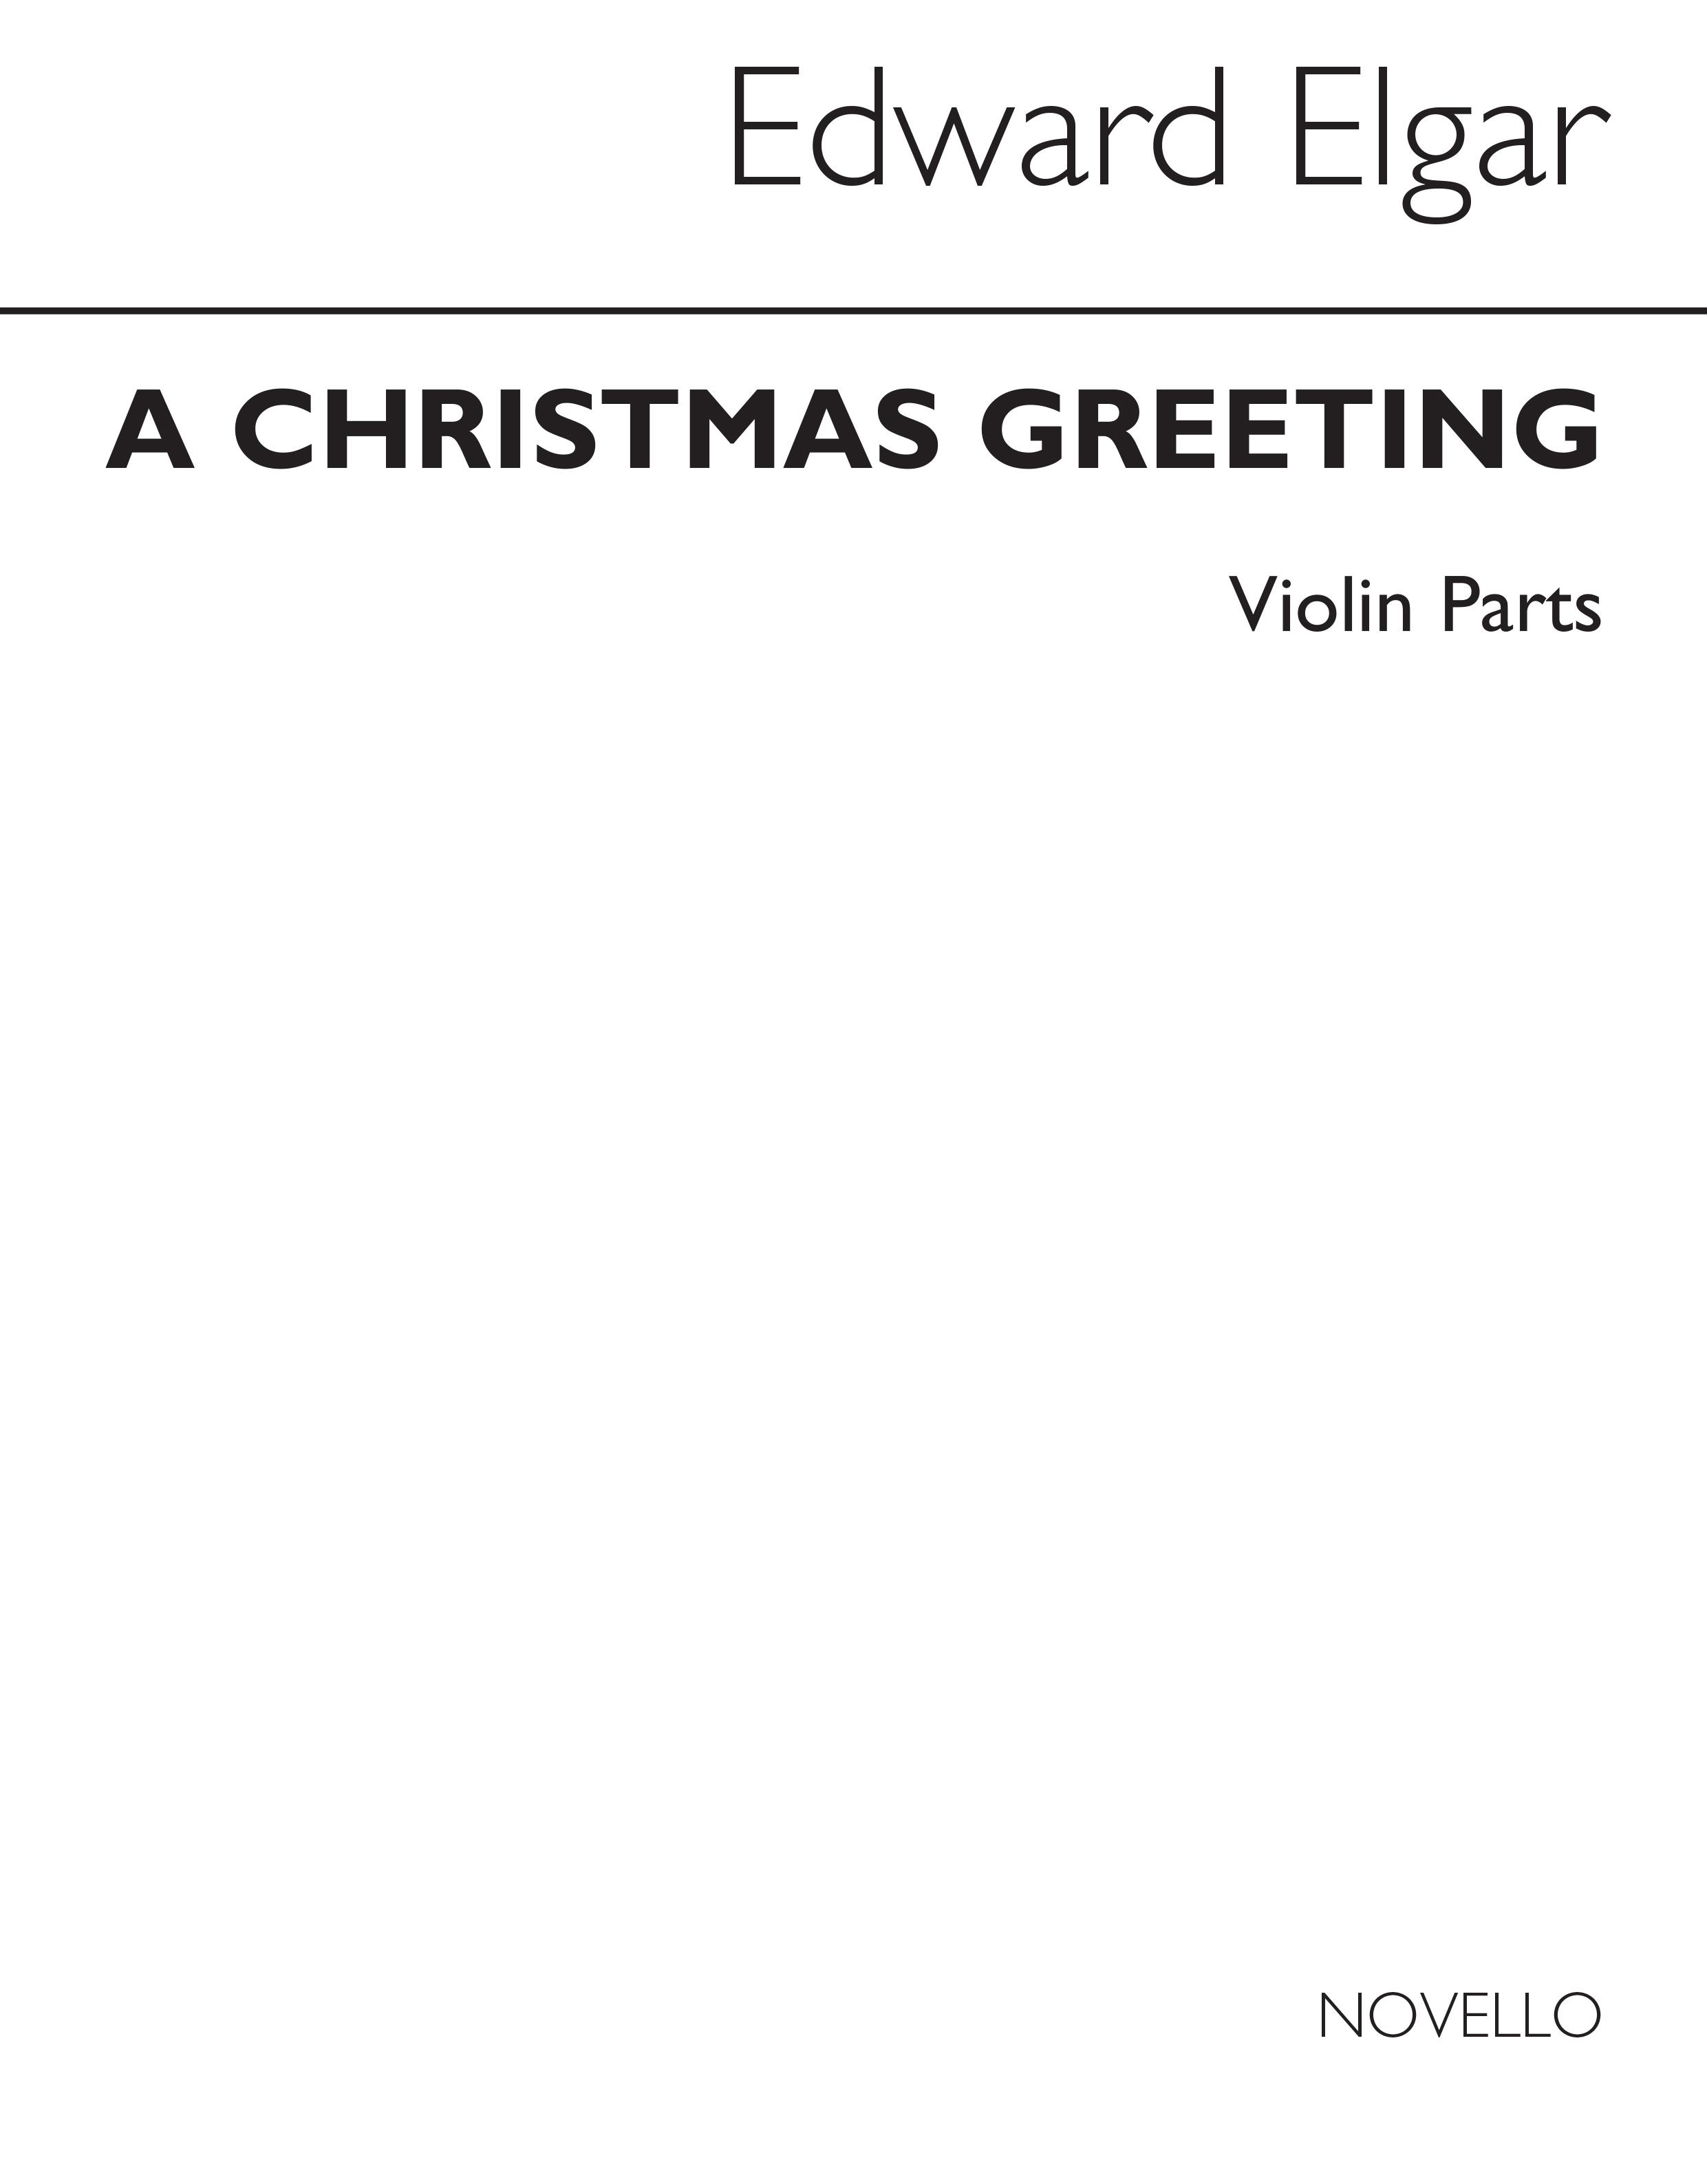 Edward Elgar: Christmas Greeting Violin Parts: Violin: Parts